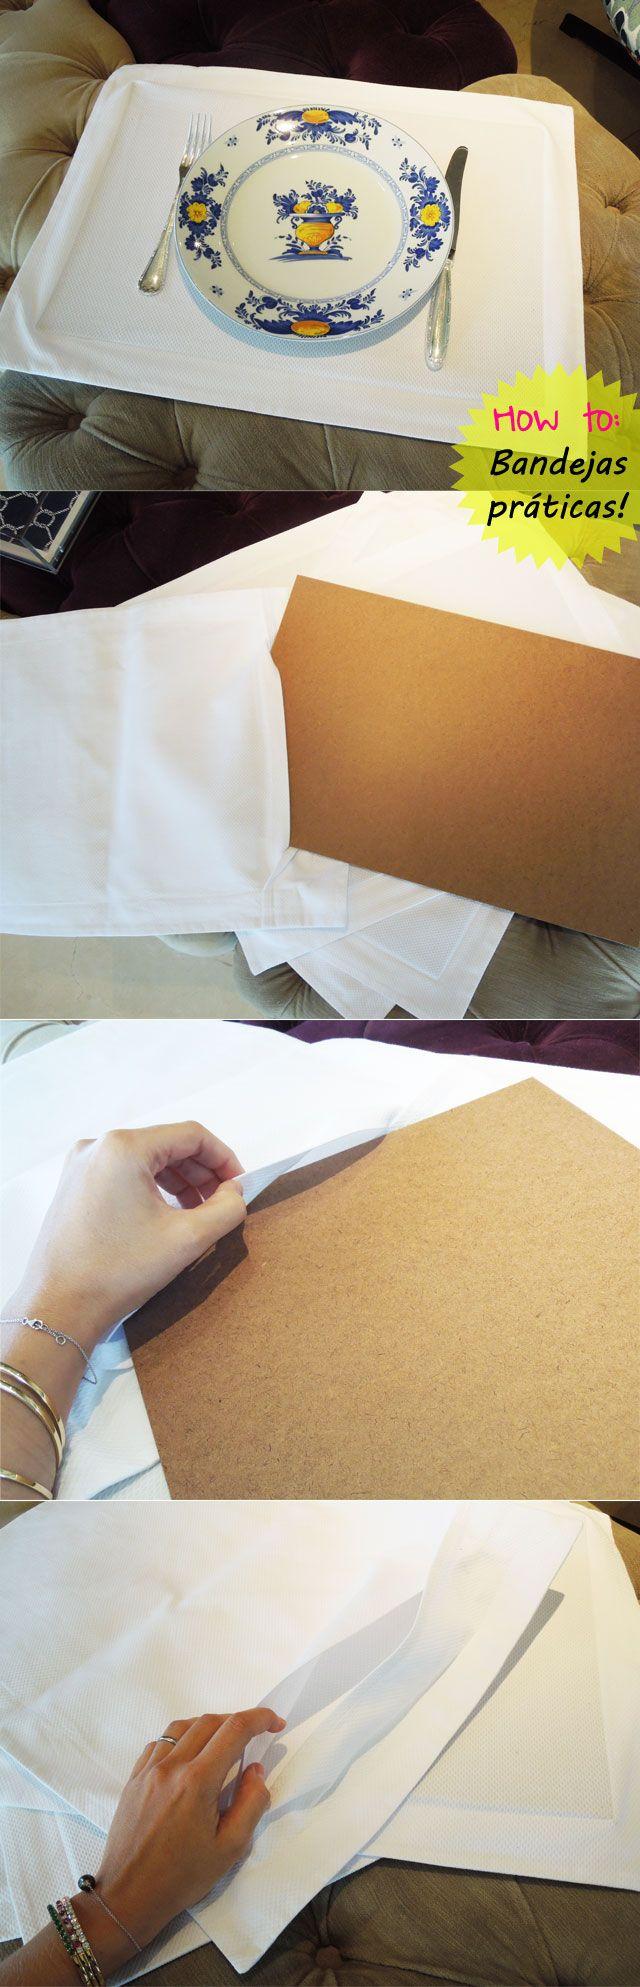 blog-da-mariah-bandejas-praticas-decoracao-1